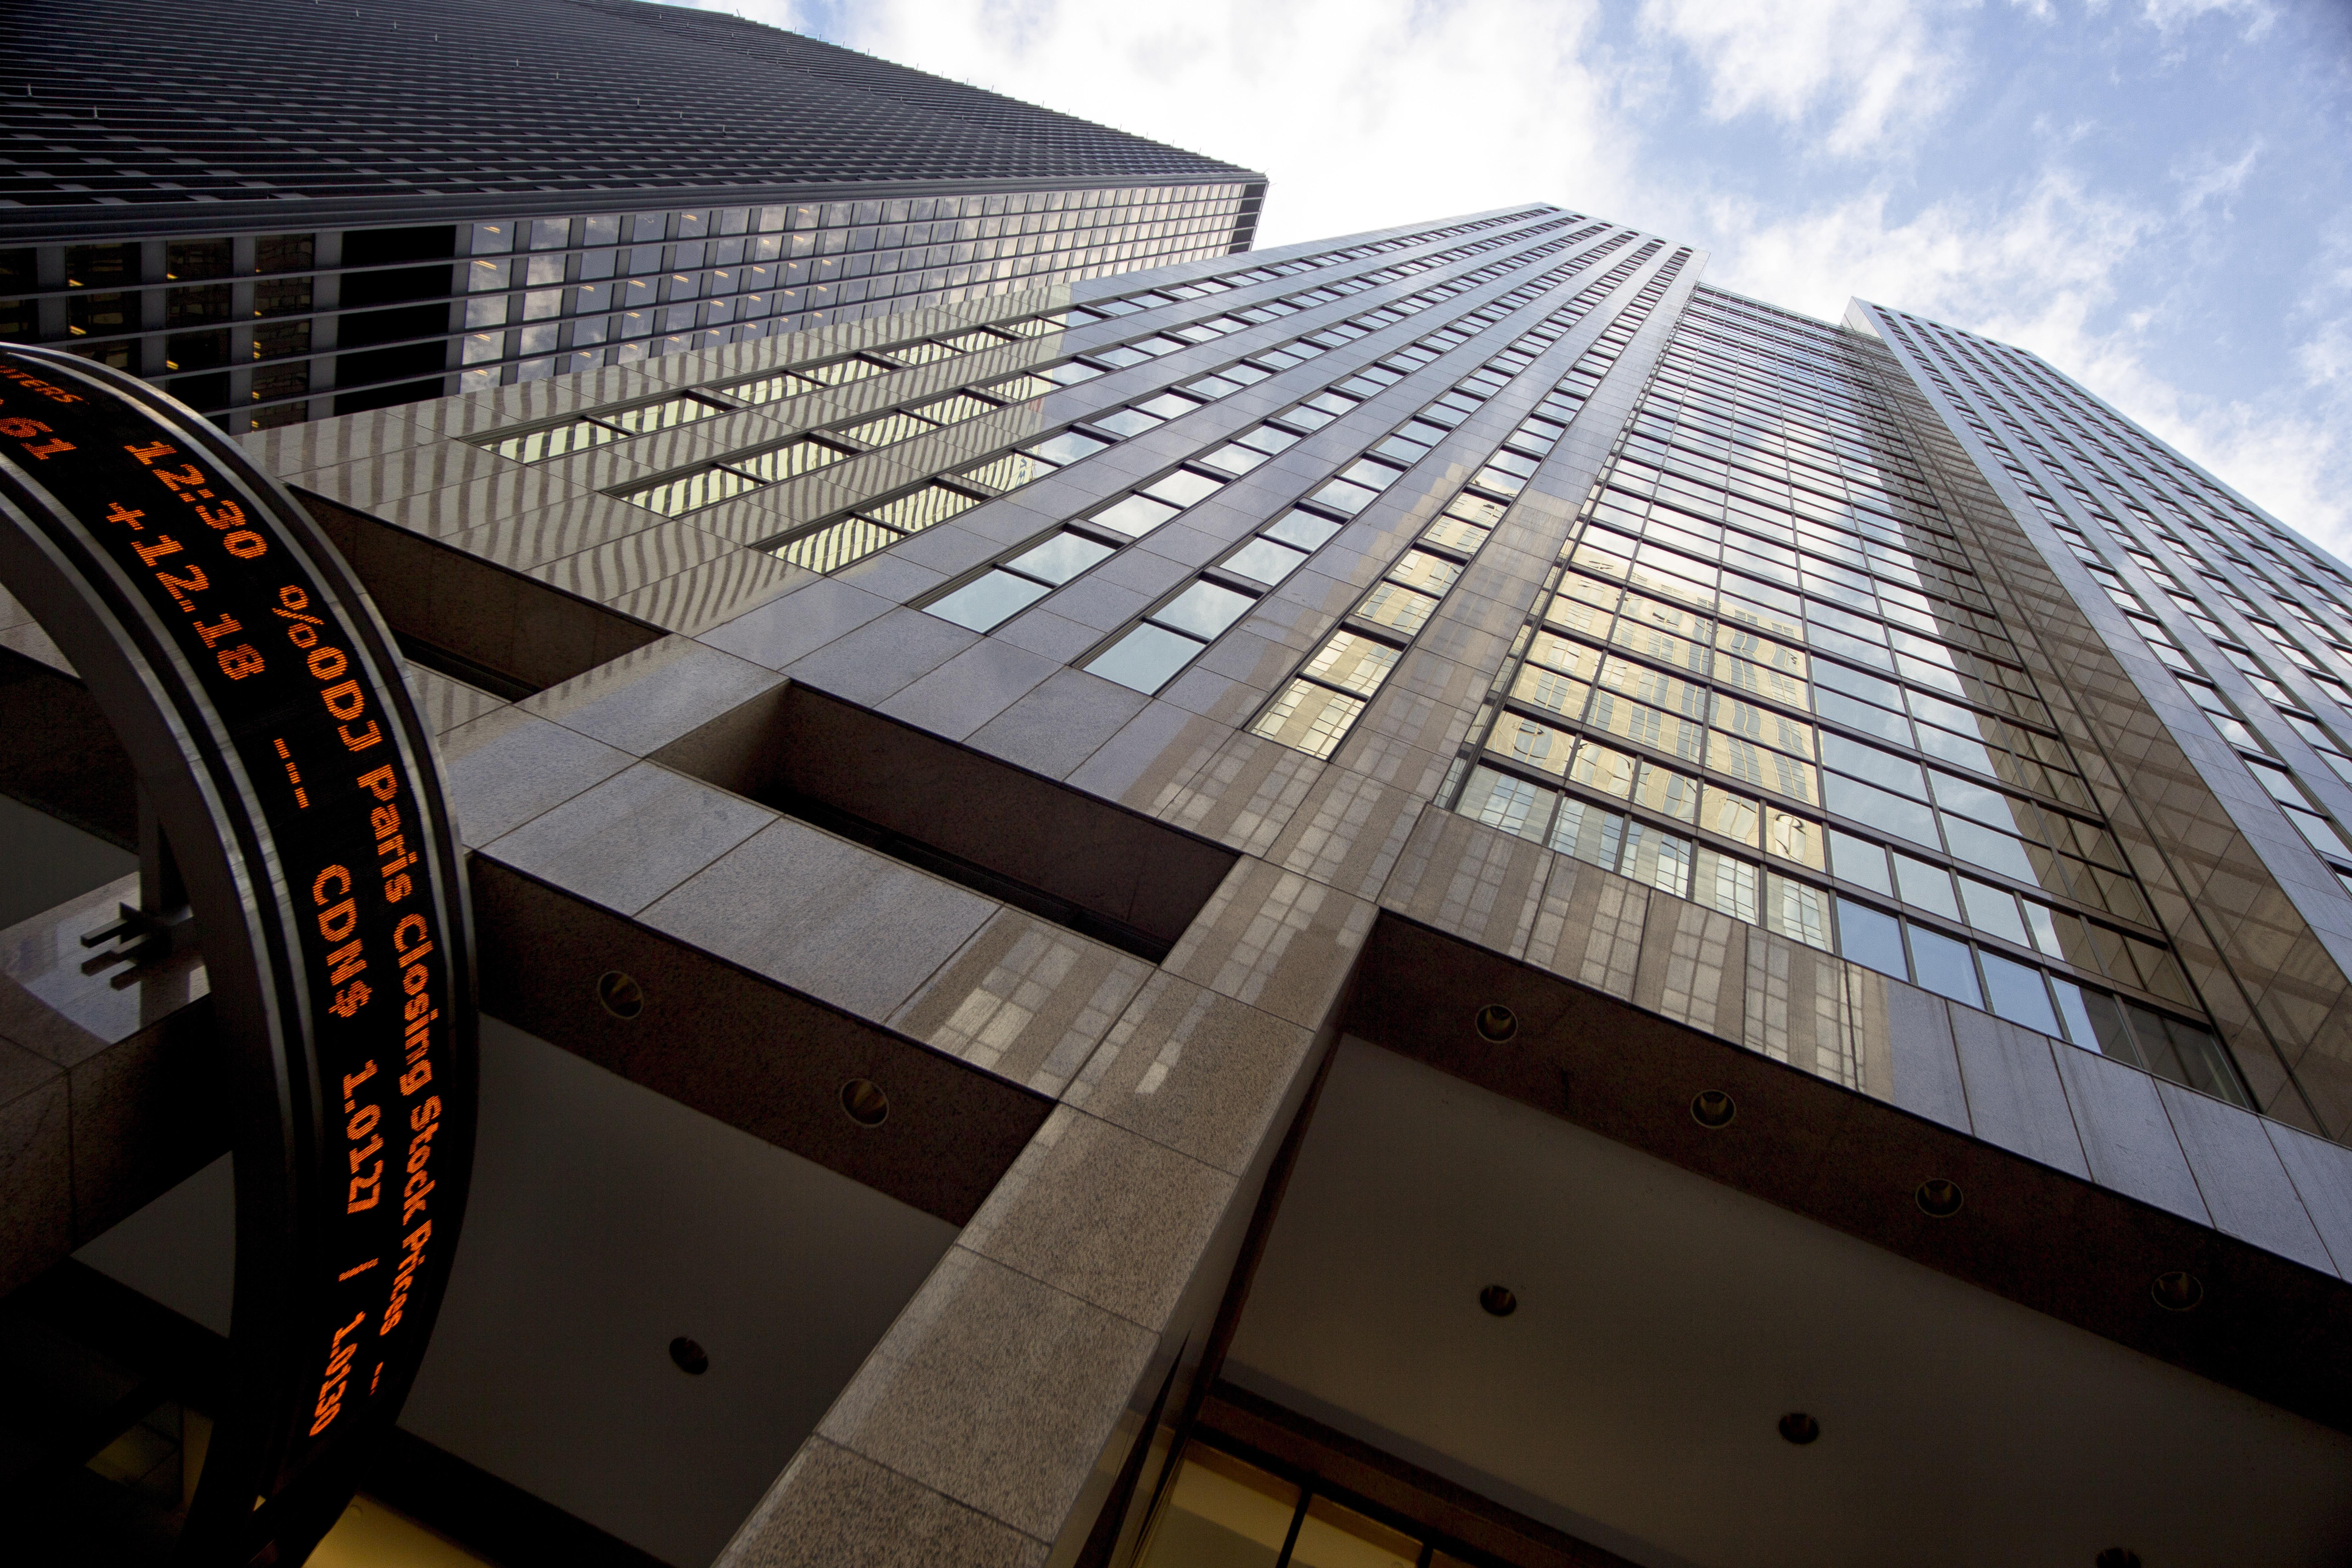 The Toronto Stock Exchange building